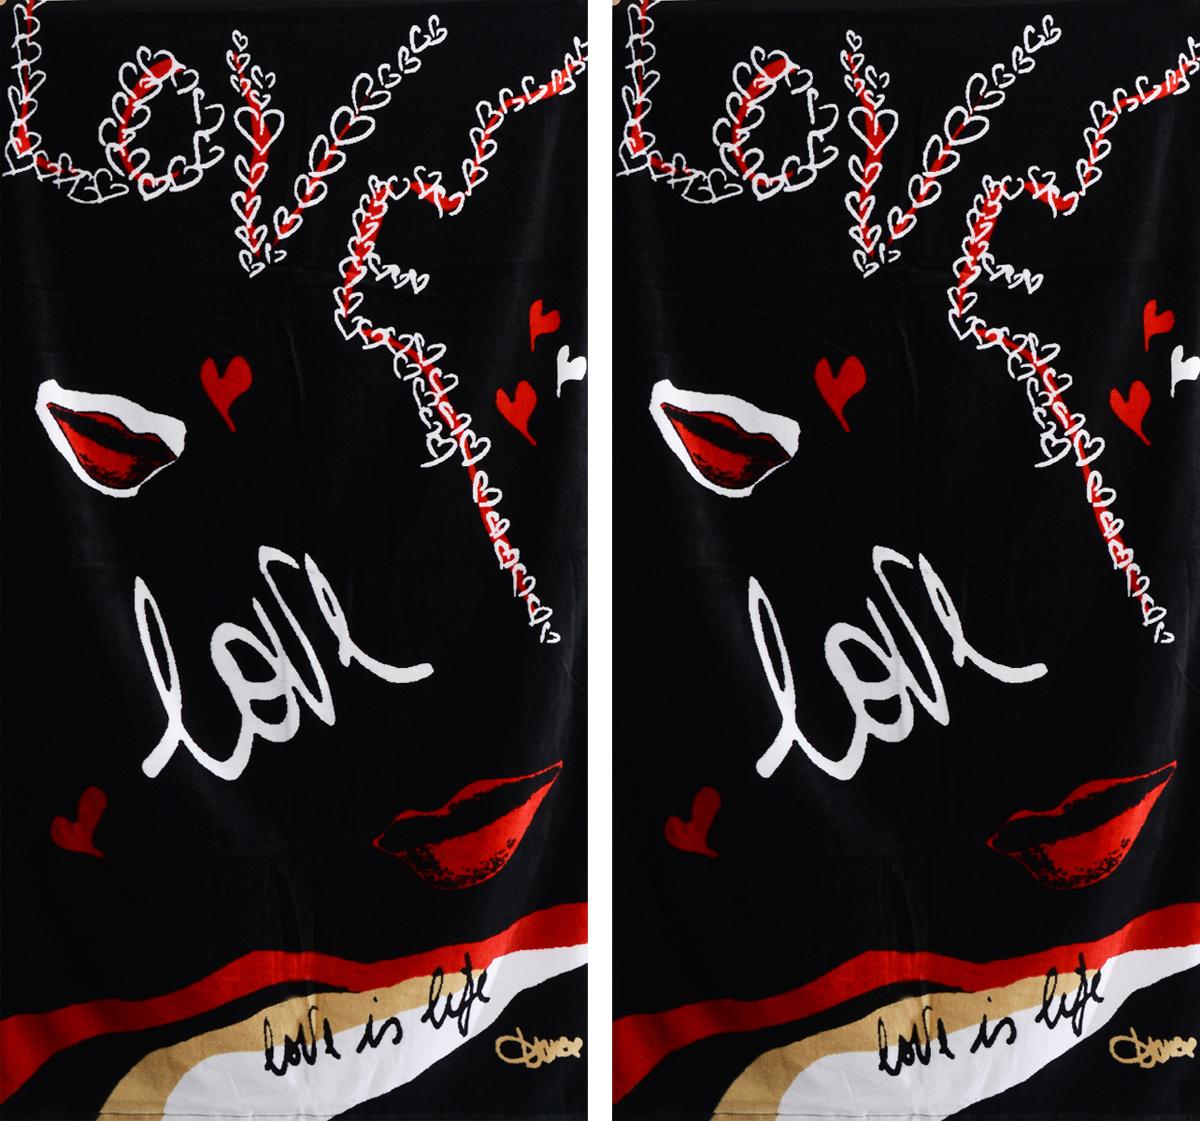 Набор махровых полотенец Коллекция Love is Life, 70 х 137 см, 2 штПМВГ-1/2Набор Коллекция Love is Life состоит из двух махровых полотенец, выполненныхиз натурального 100% хлопка. Изделия отлично впитывают влагу, быстро сохнут,сохраняют яркость цвета и не теряют формы даже после многократных стирок.Полотенца Коллекция Love is Life очень практичны и неприхотливы в уходе. Комплектация: 2 шт.